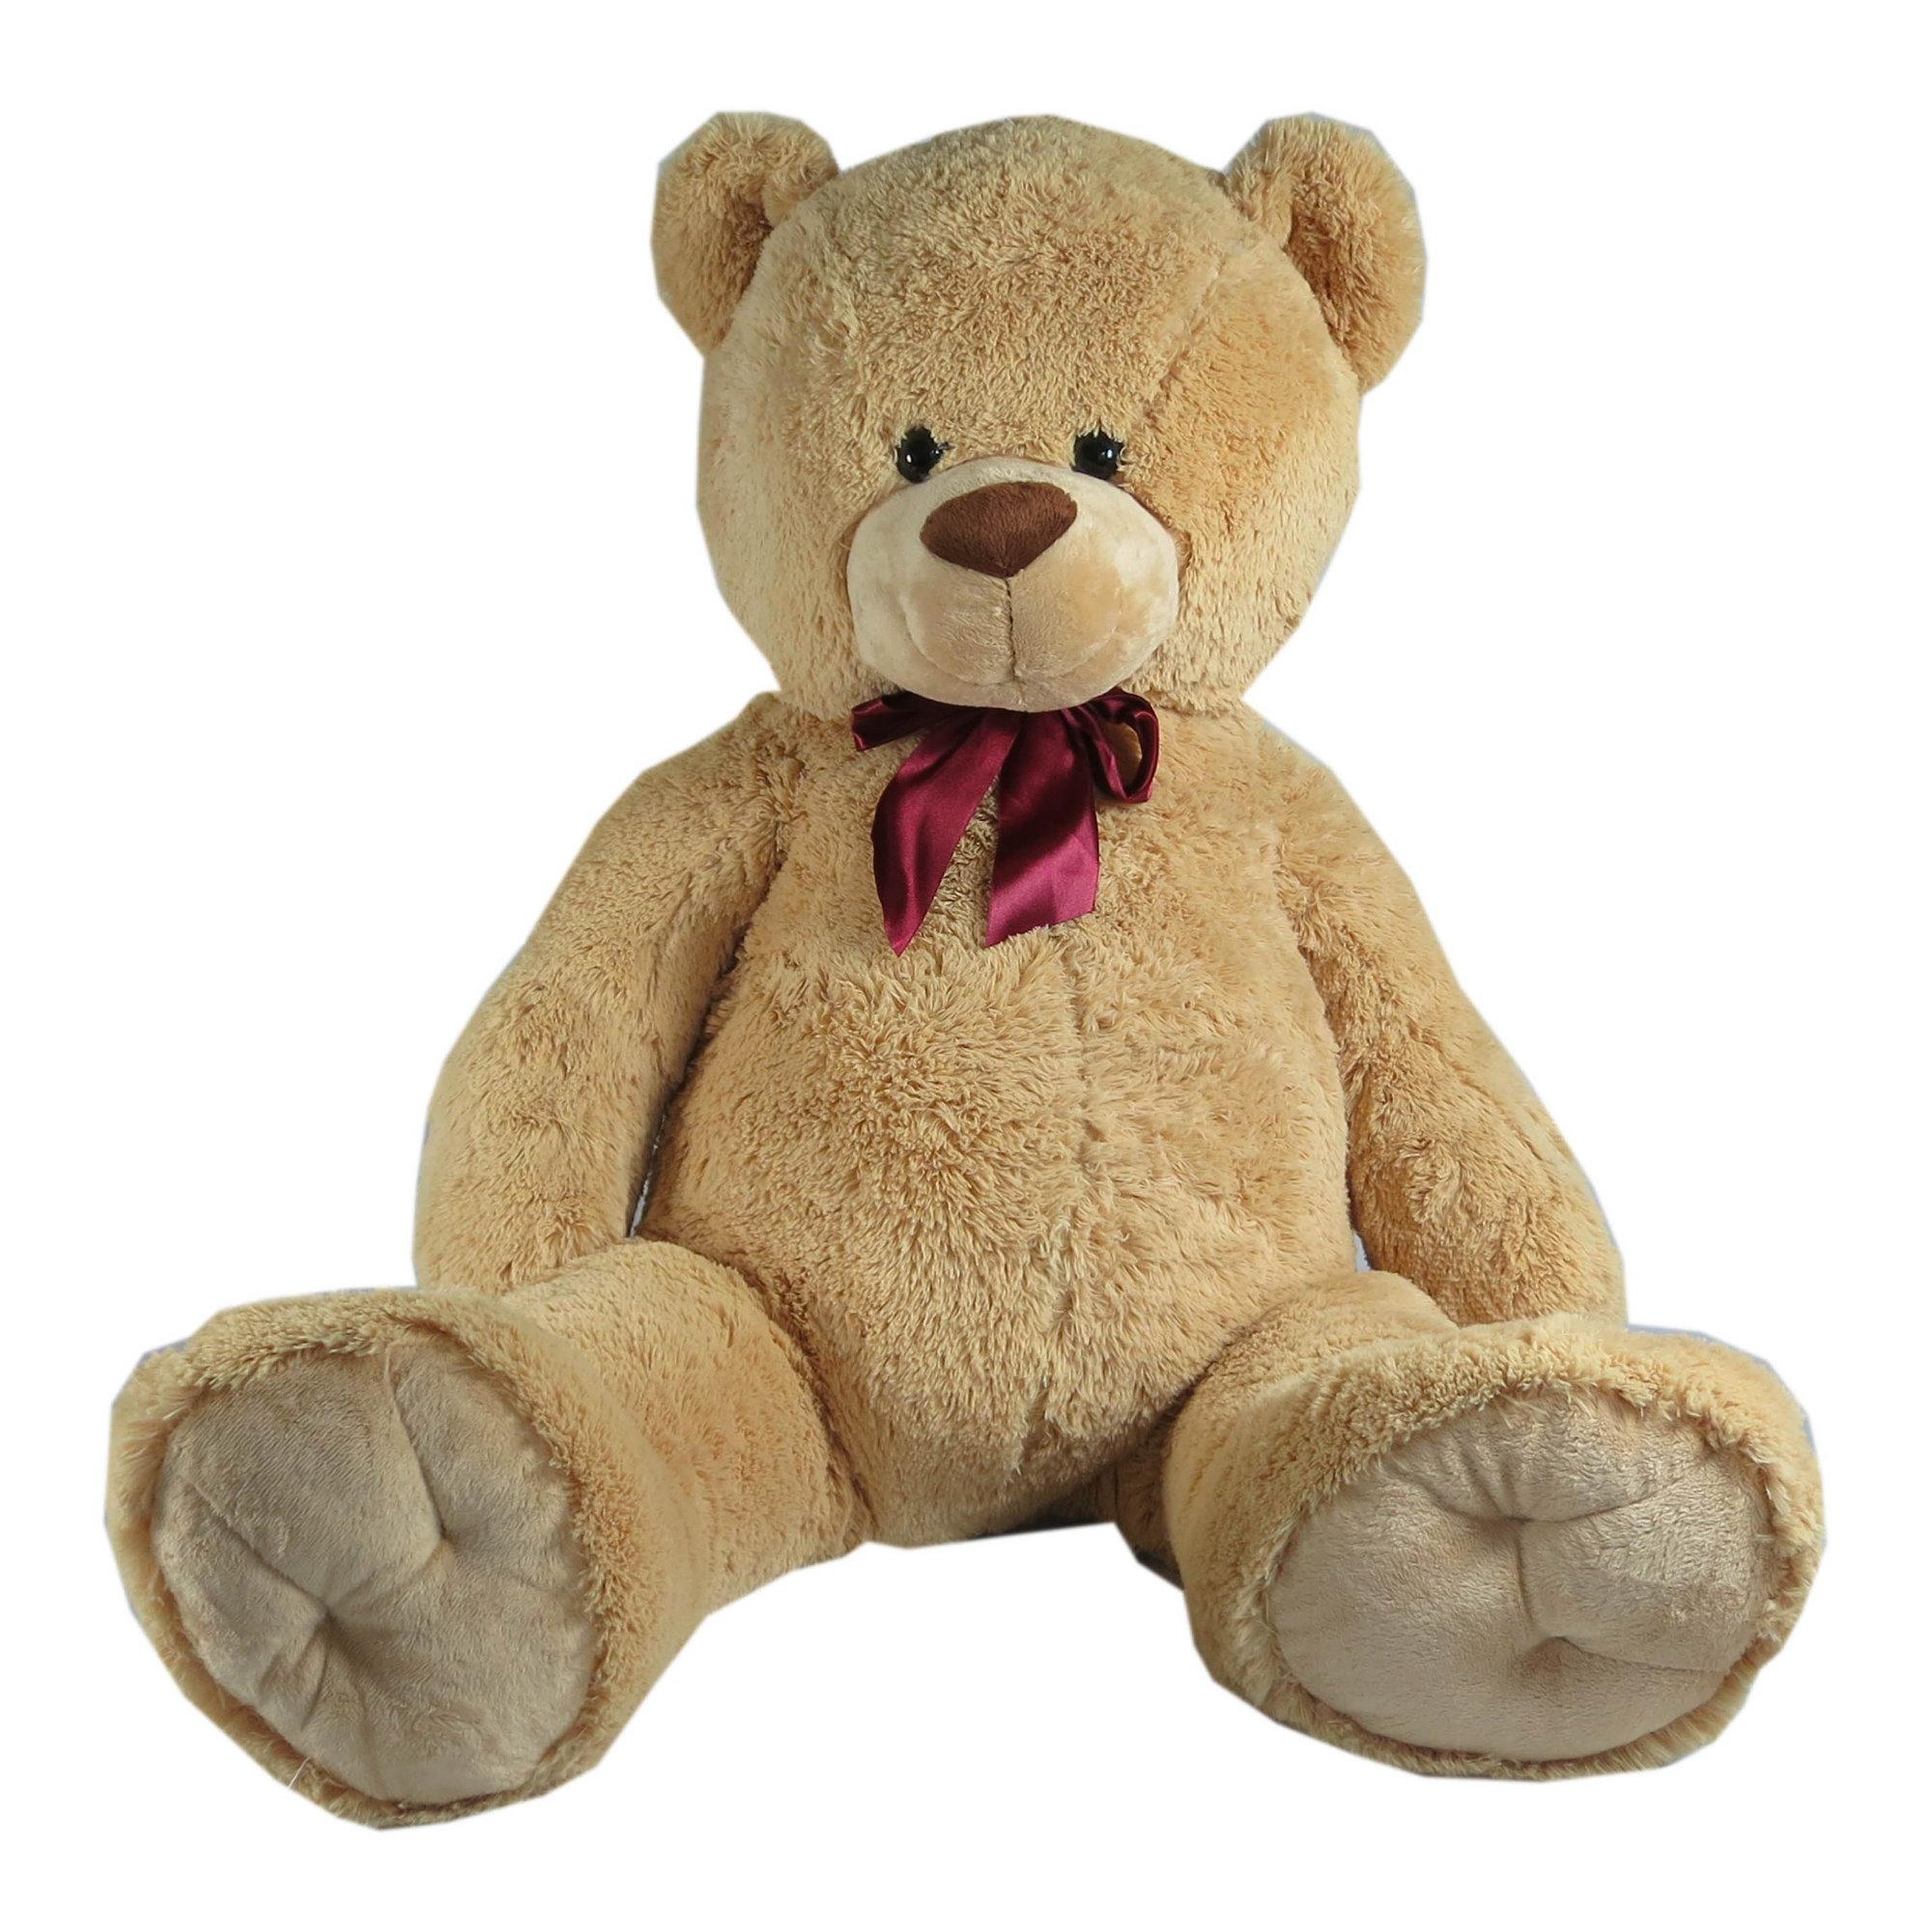 rainbowpalace baby und kindermode heunec schlenker b r b r teddy pl sch kuschelb r. Black Bedroom Furniture Sets. Home Design Ideas